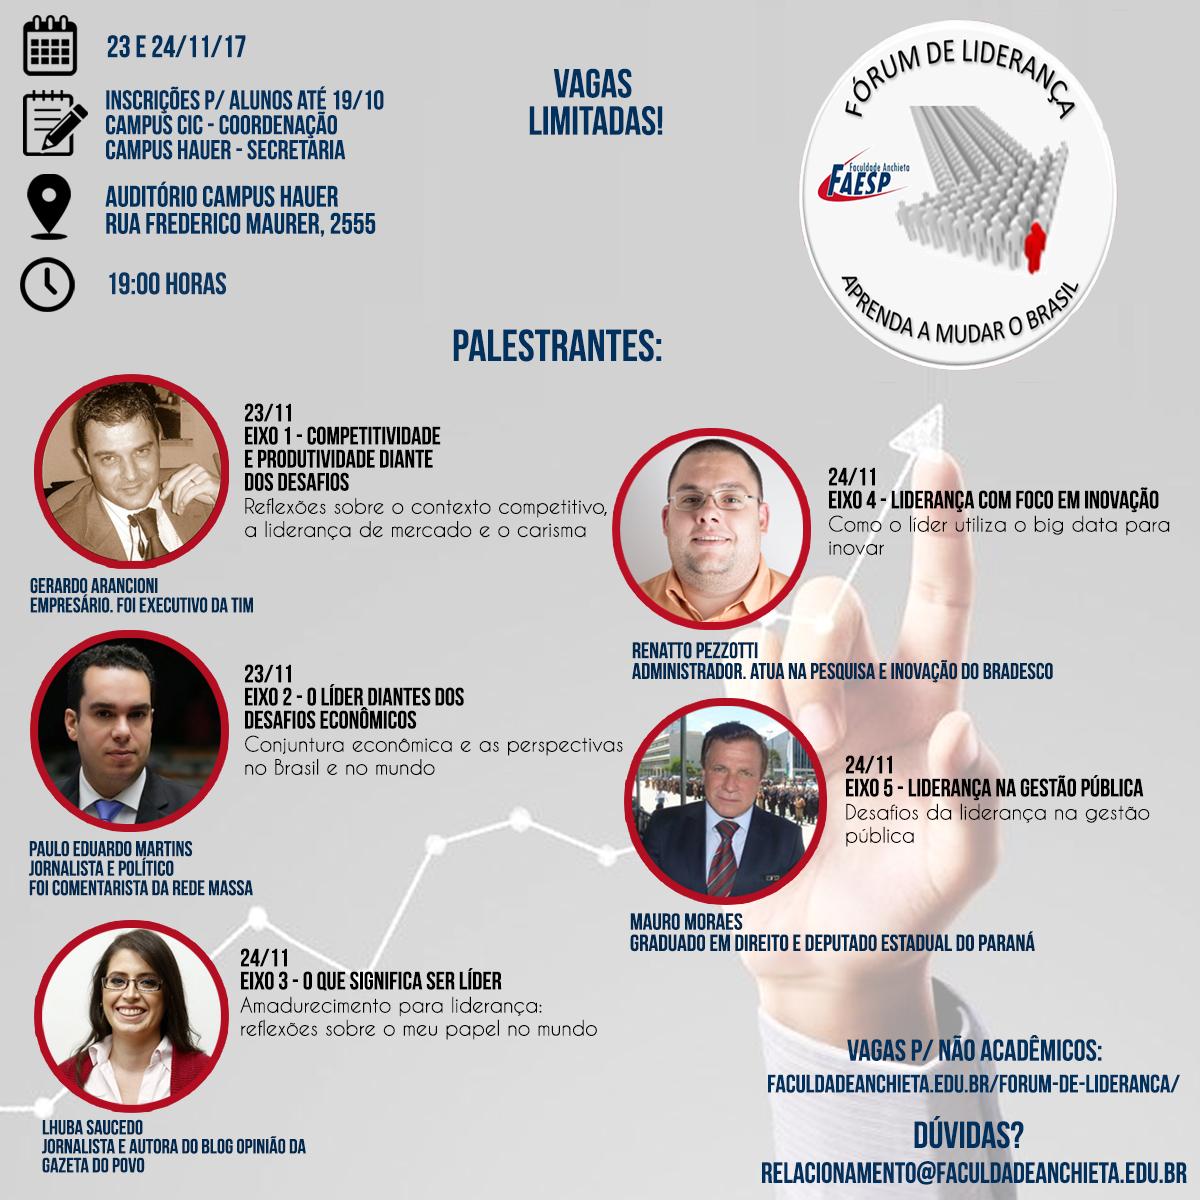 card fórum de liderança (1)